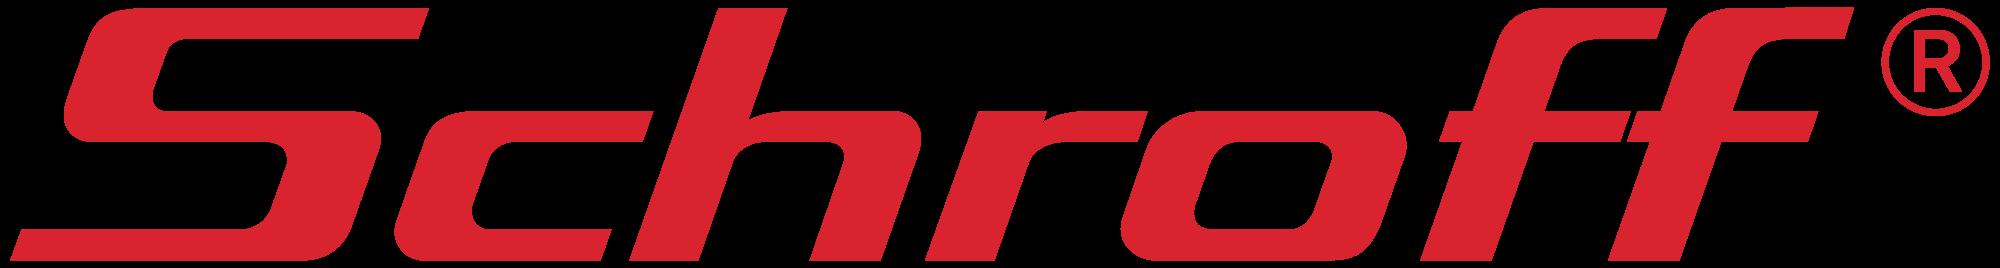 File:Schroff logo.svg.